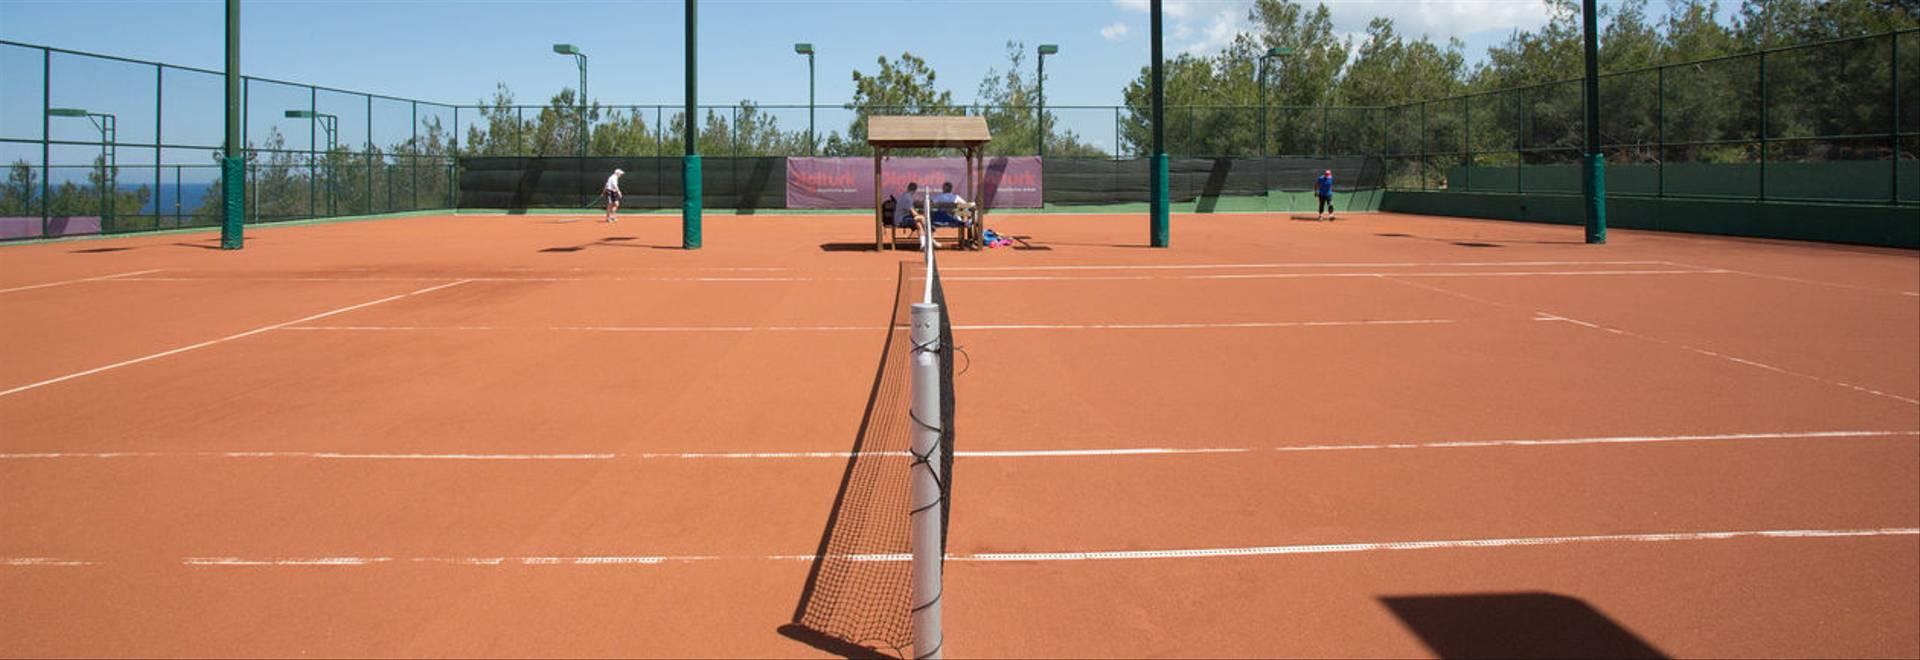 Tennis court in Korineum Golf & Beach Resort